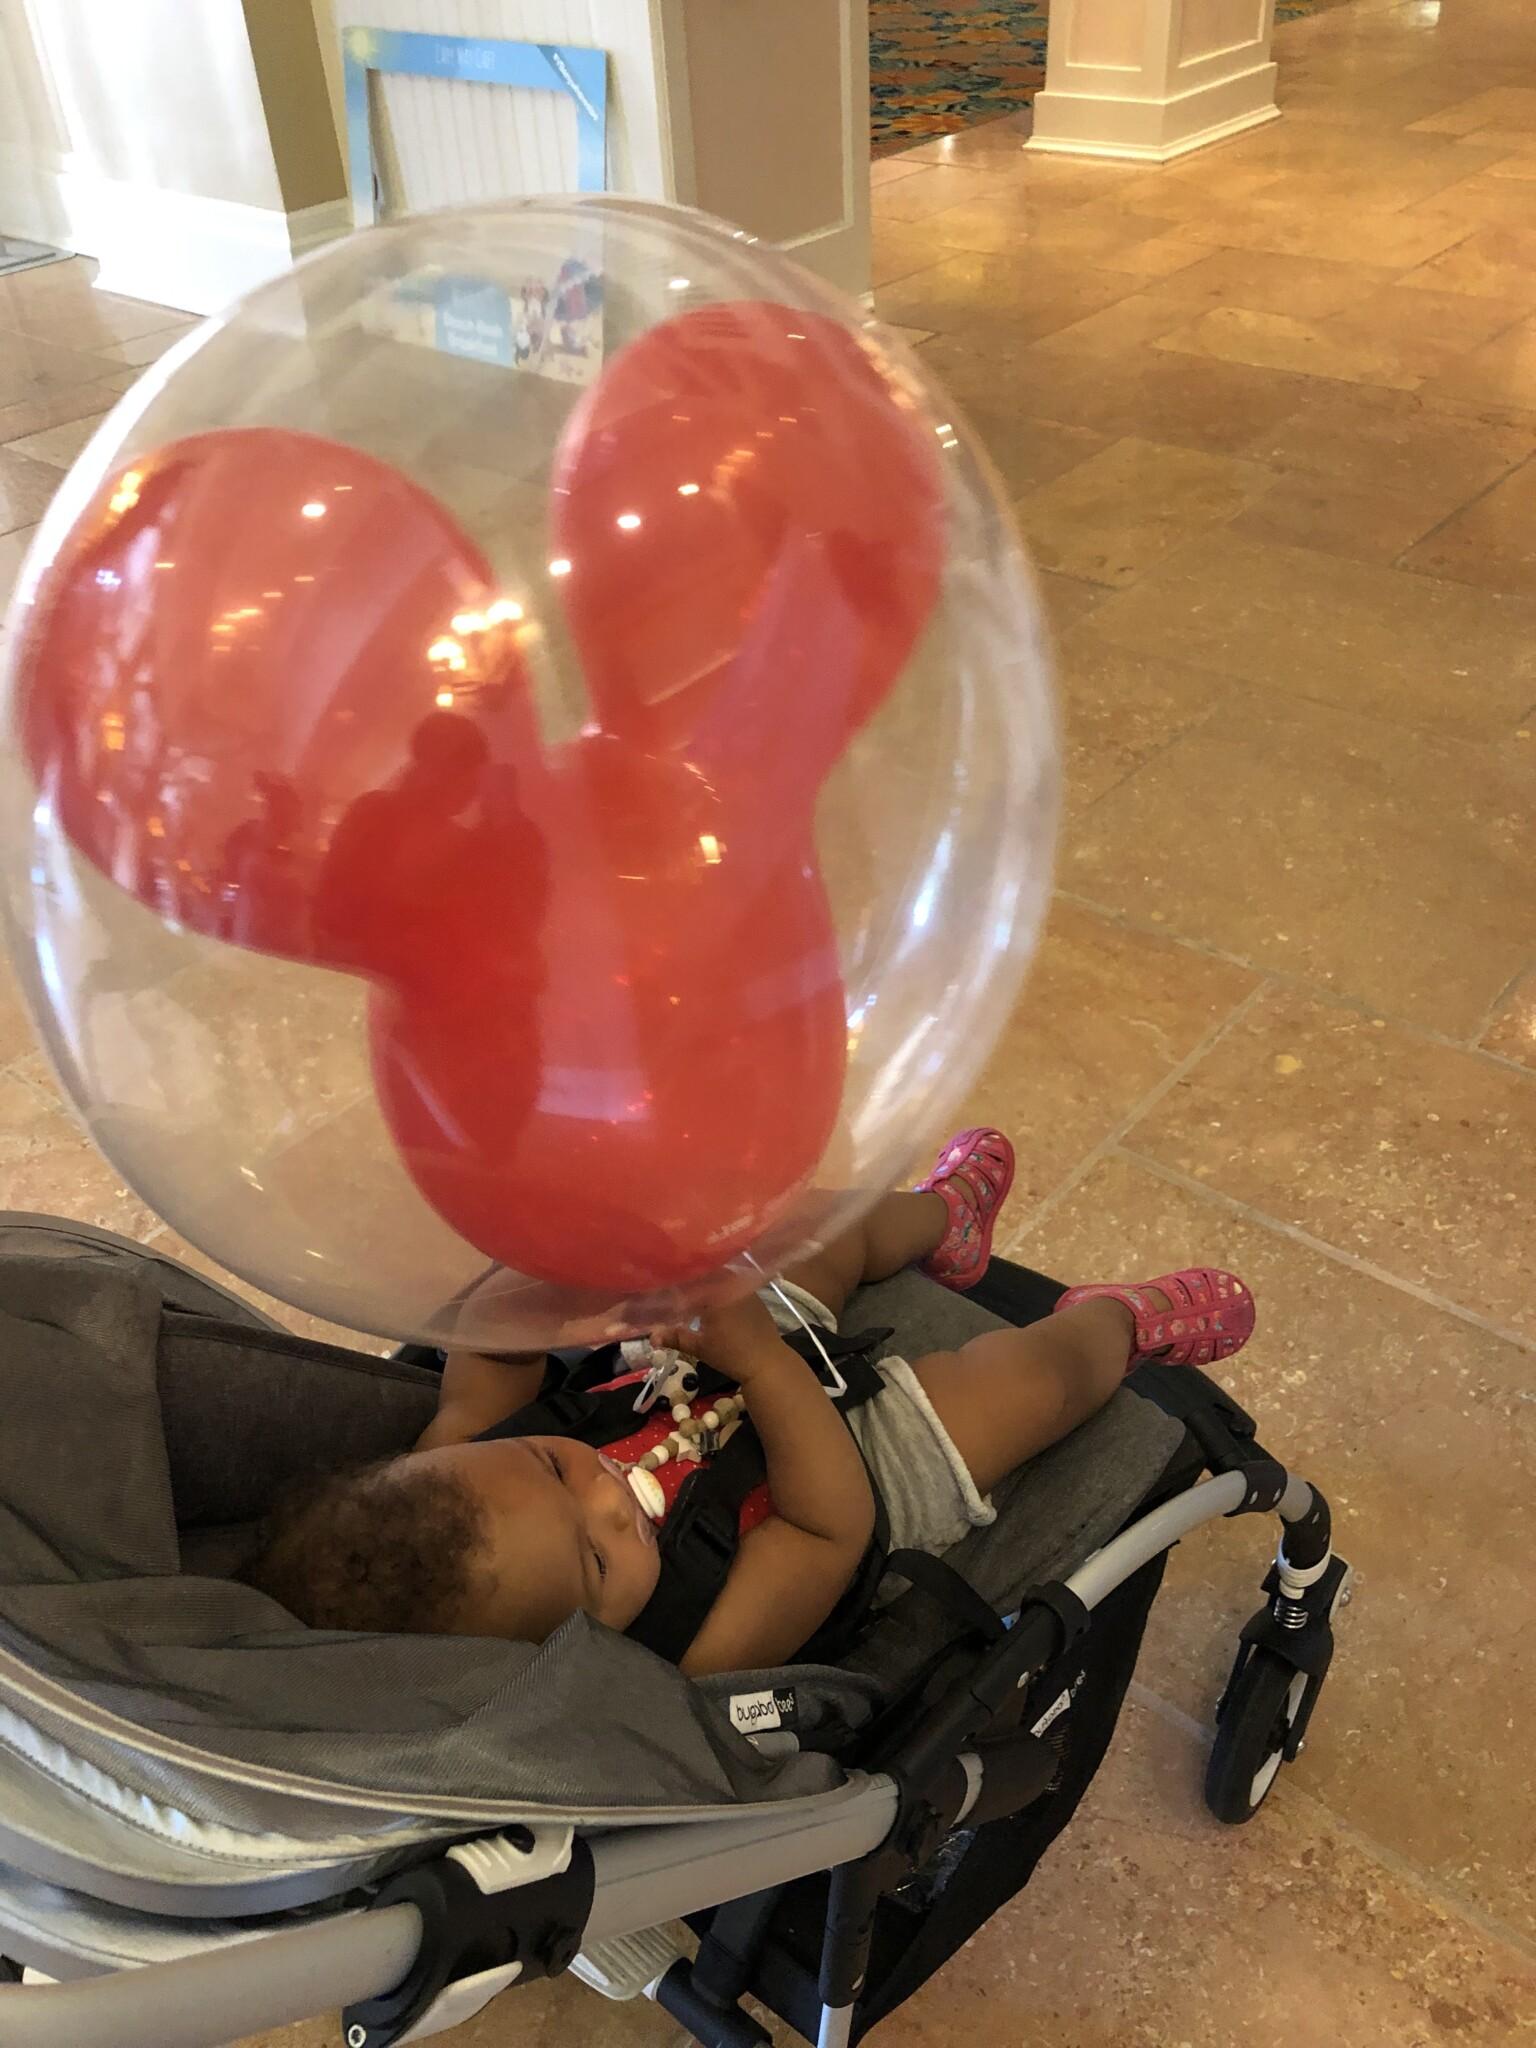 2 semaines en Floride avec un bébé de 1 an - Séjour du 2 au 16 mai 2019 DCL + WDW - Page 18 IMG_1388-1536x2048